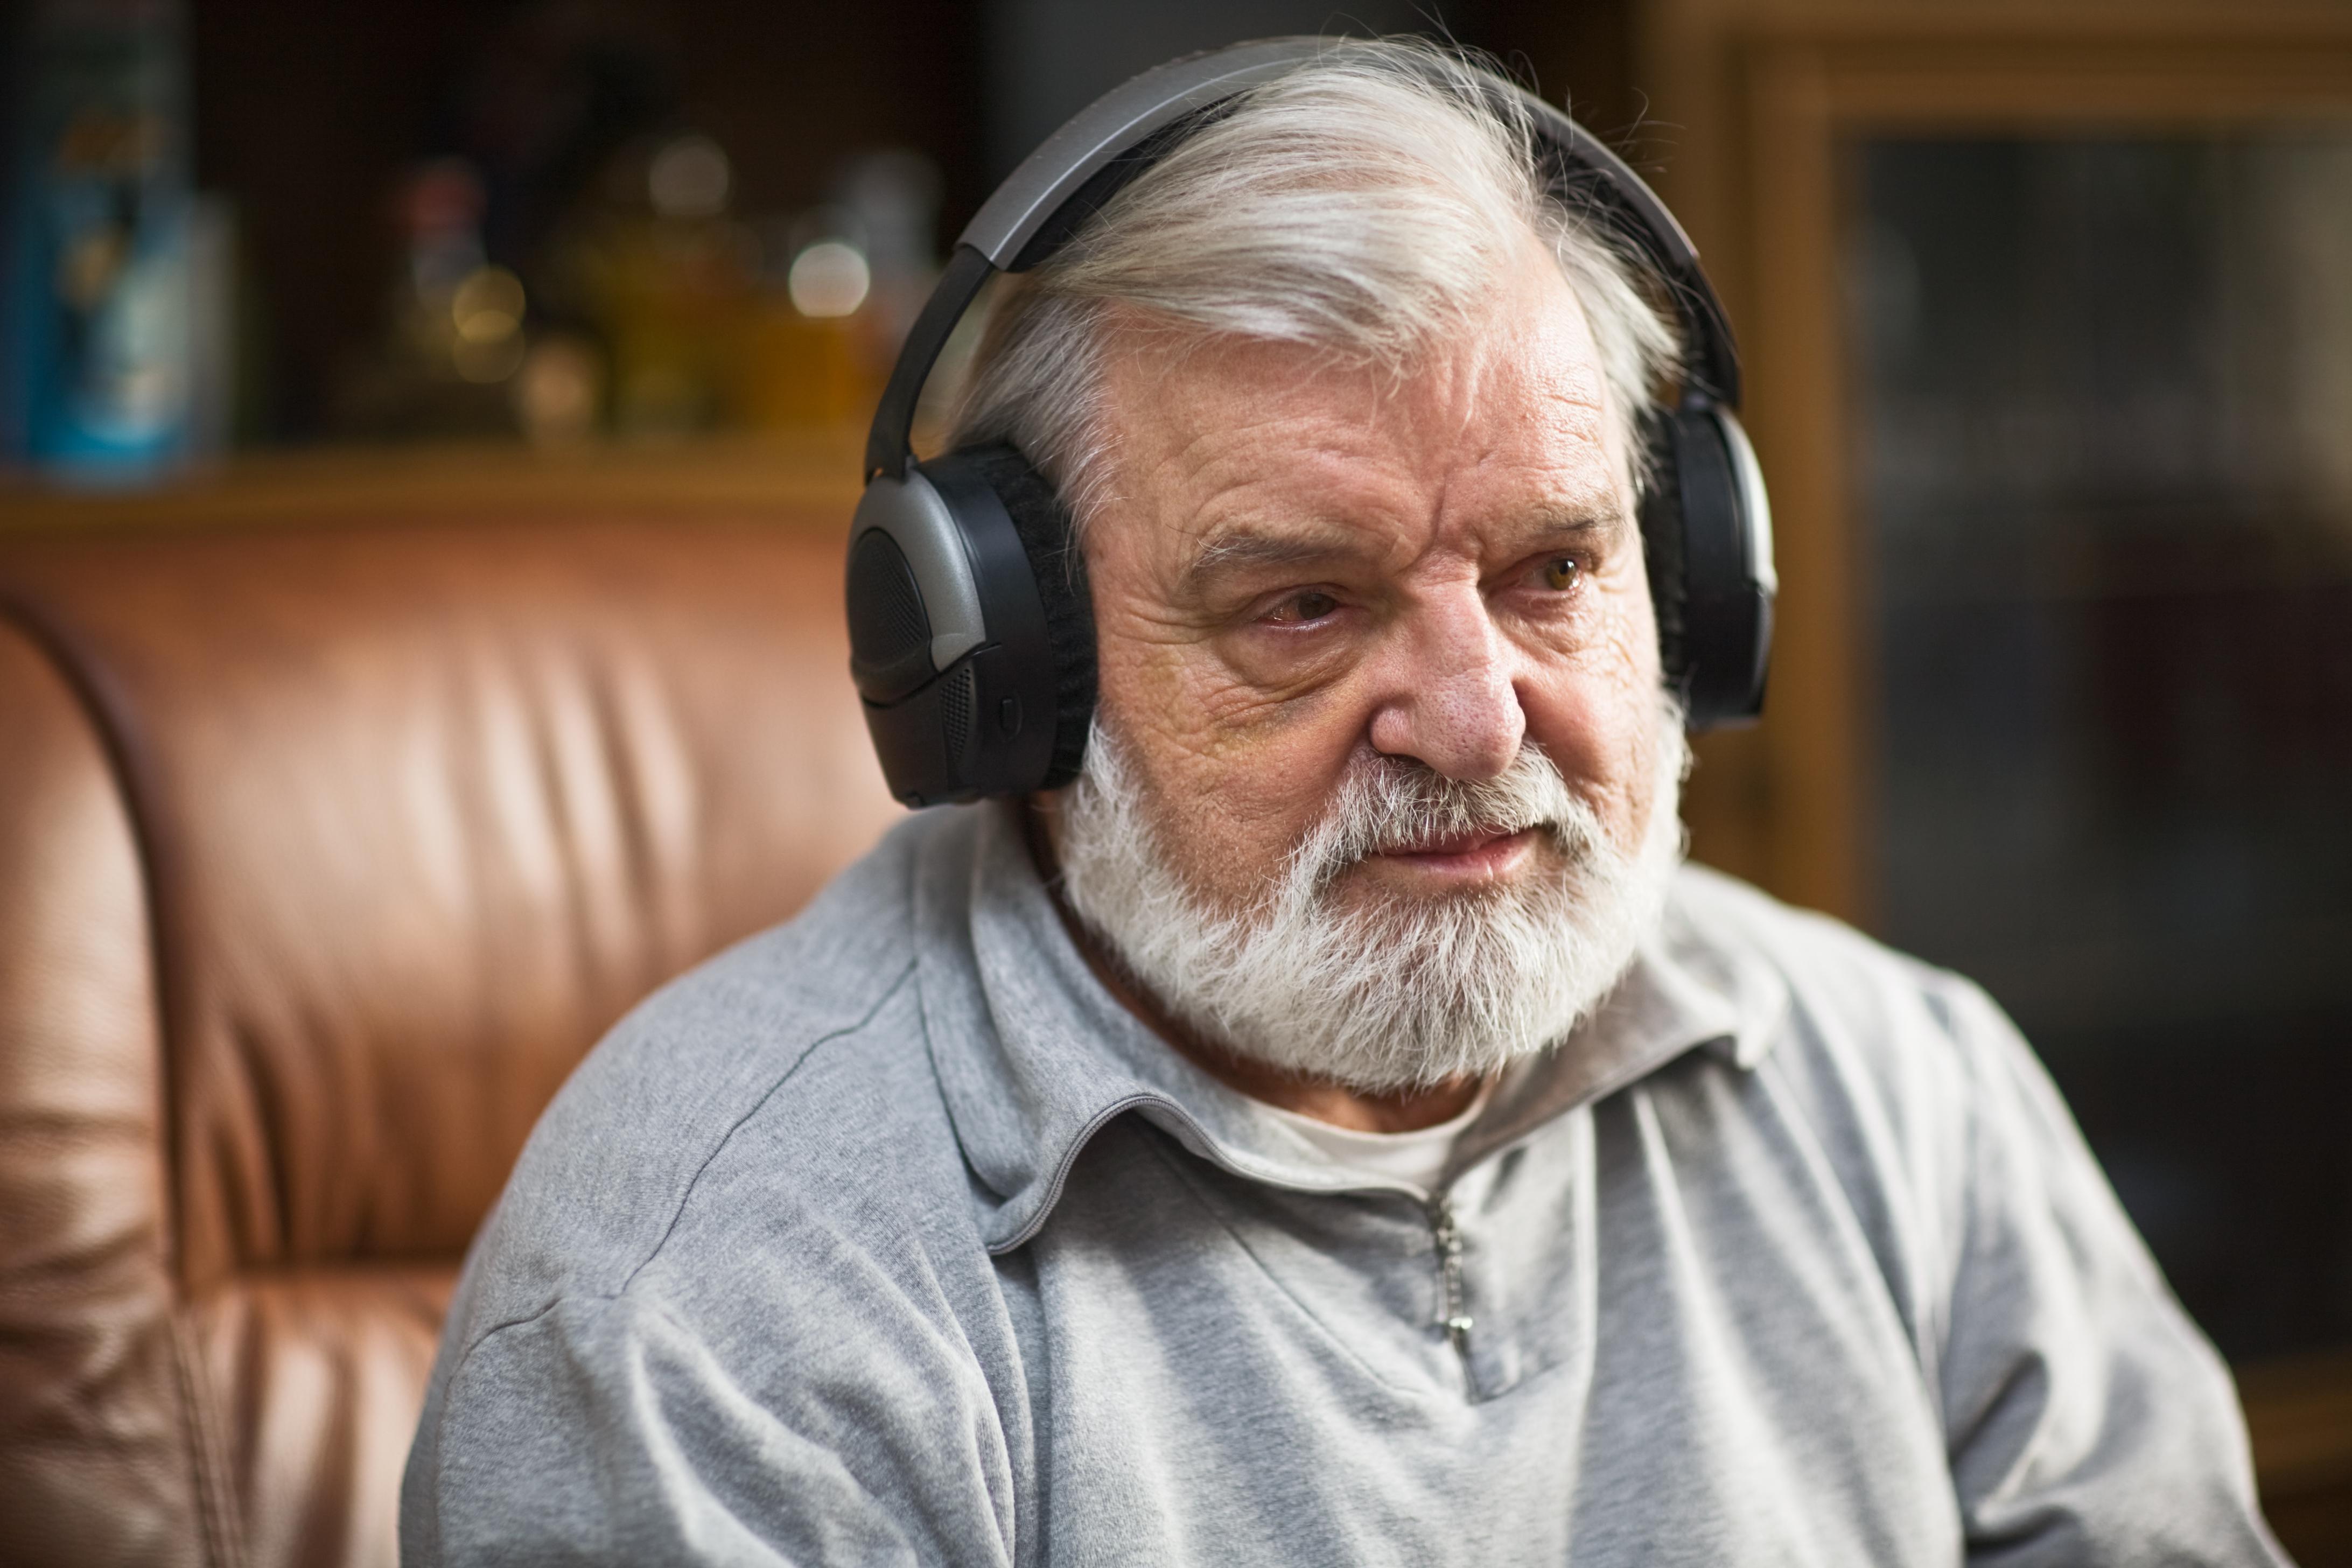 Musik kan användas för att trösta, glädja eller underlätta vid besvärliga situationer i arbetet med vård av demenssjuka.